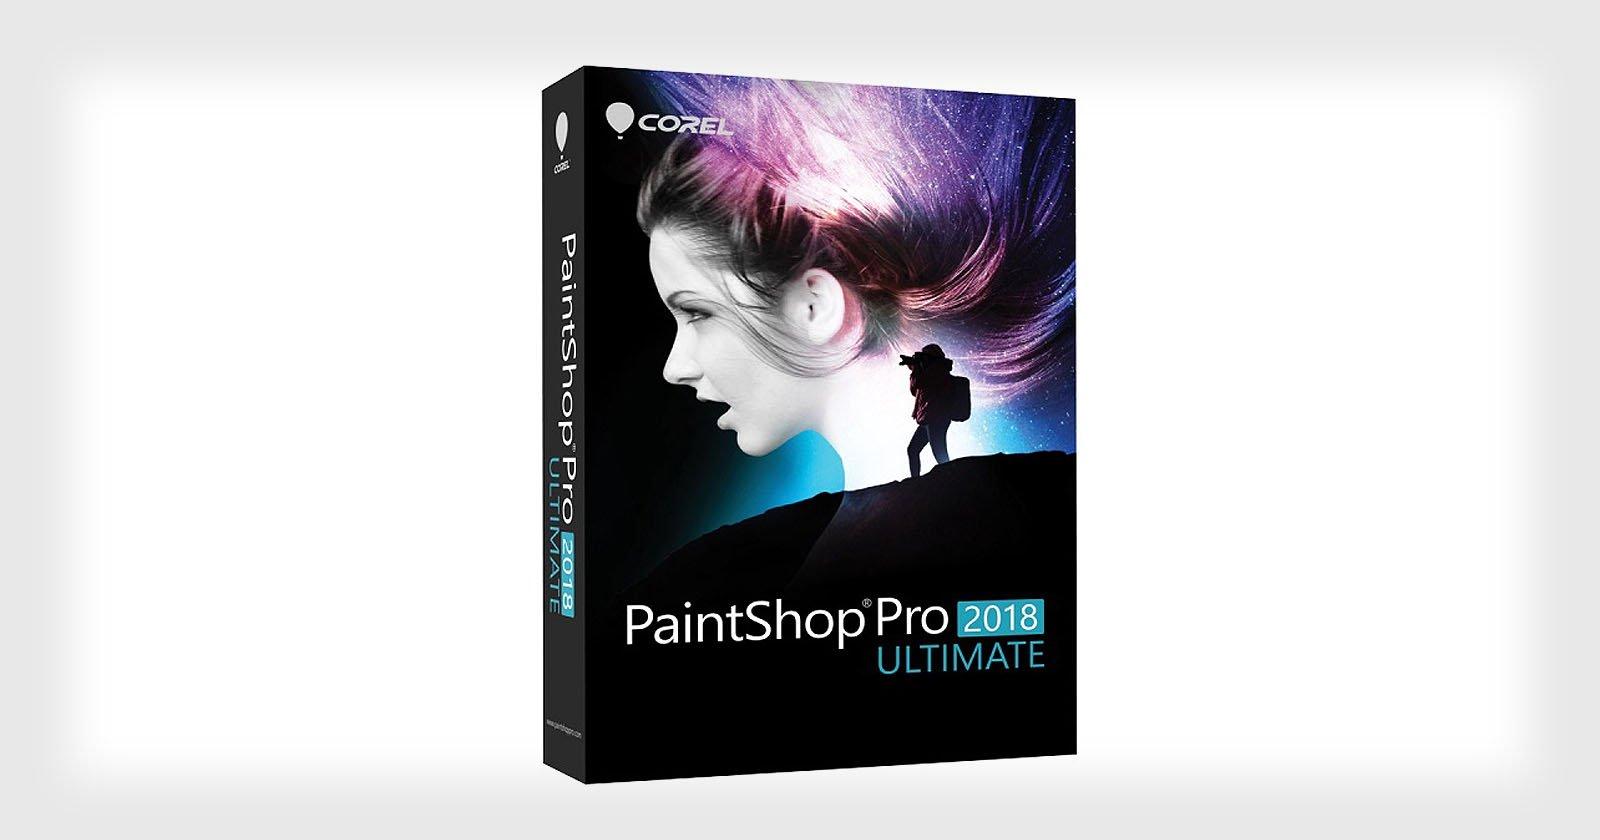 corel paintshop pro 2019 ultimate software